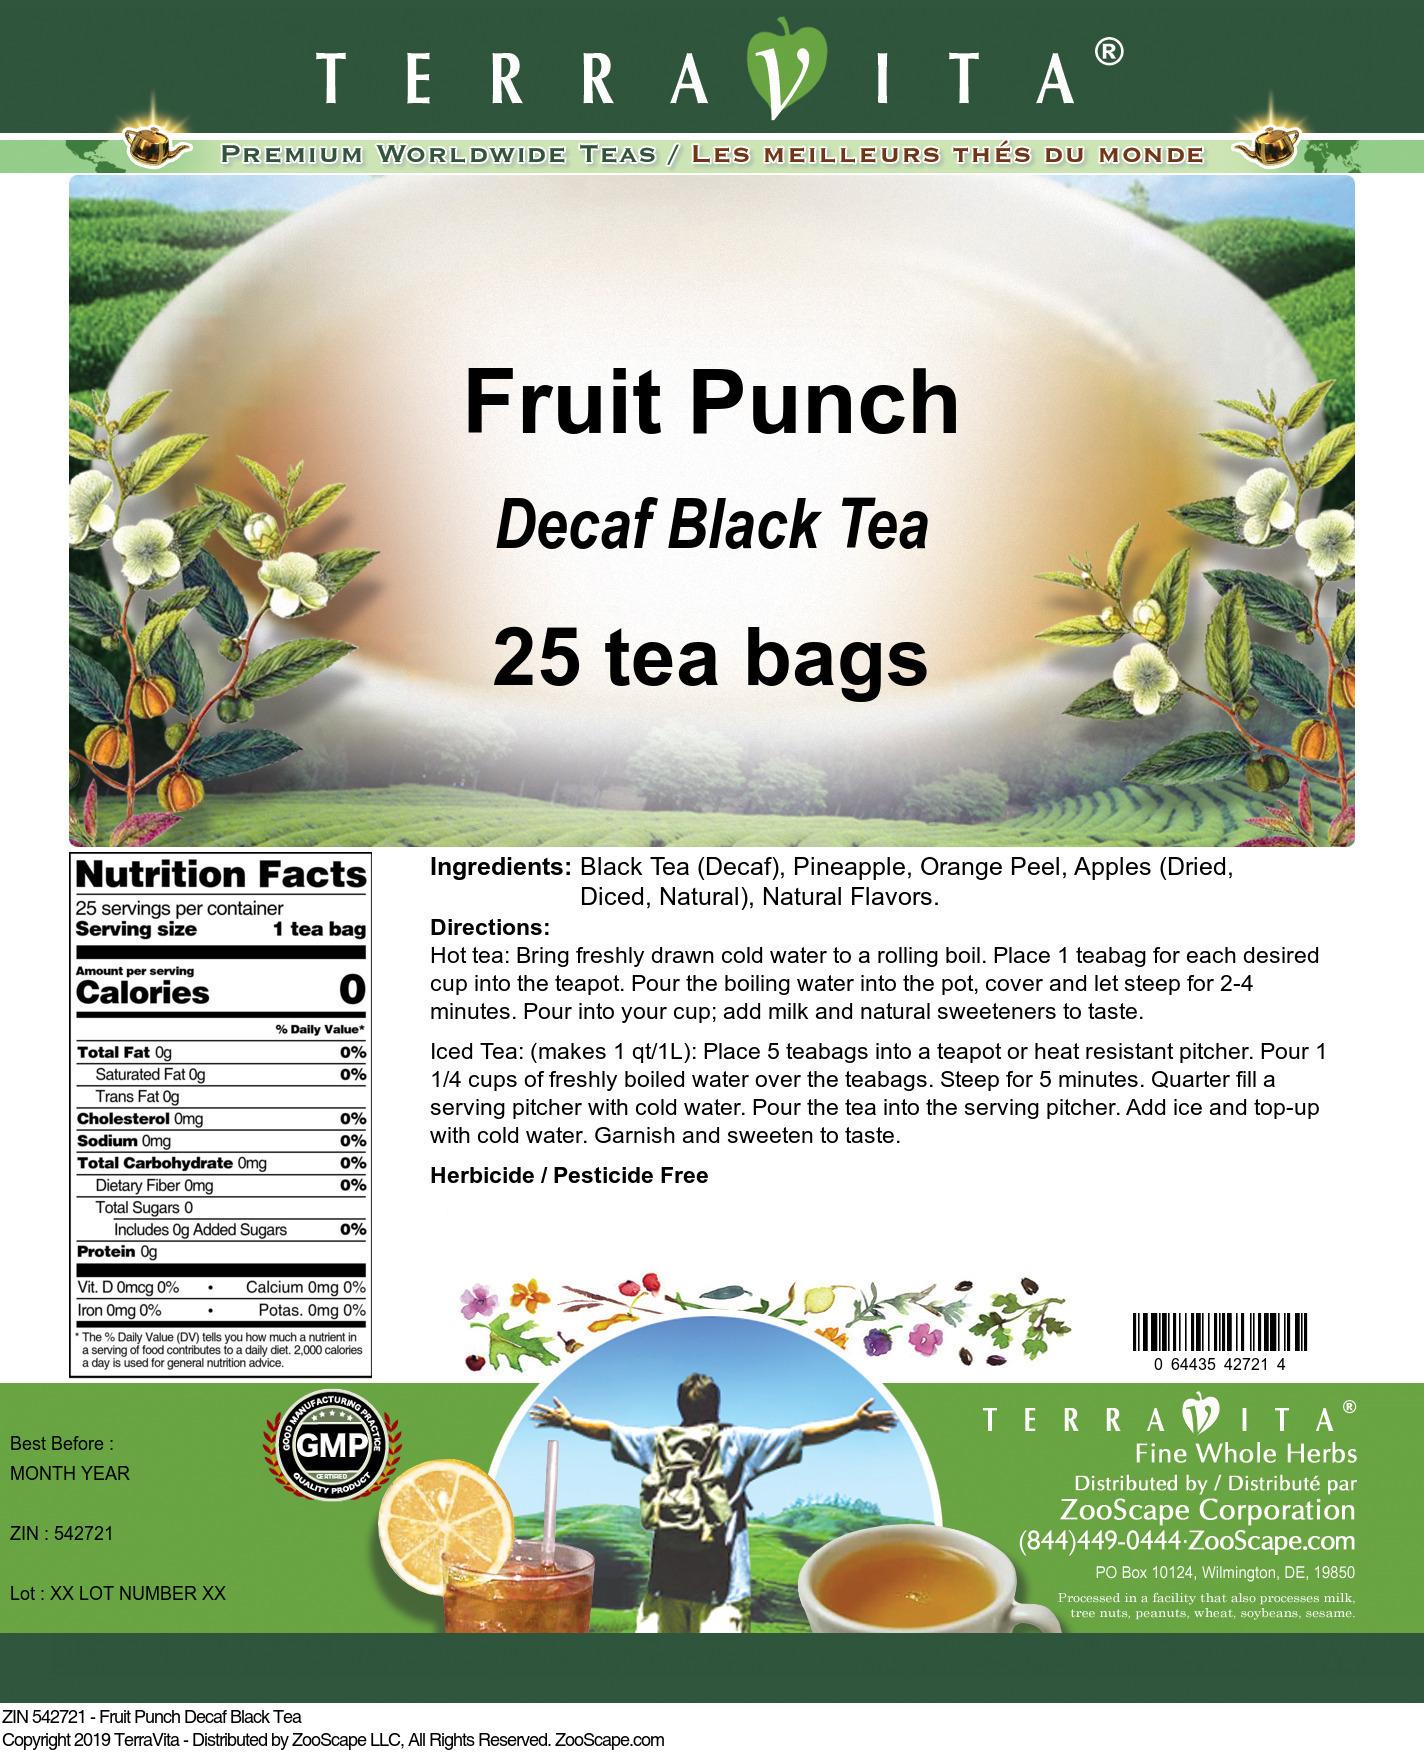 Fruit Punch Decaf Black Tea